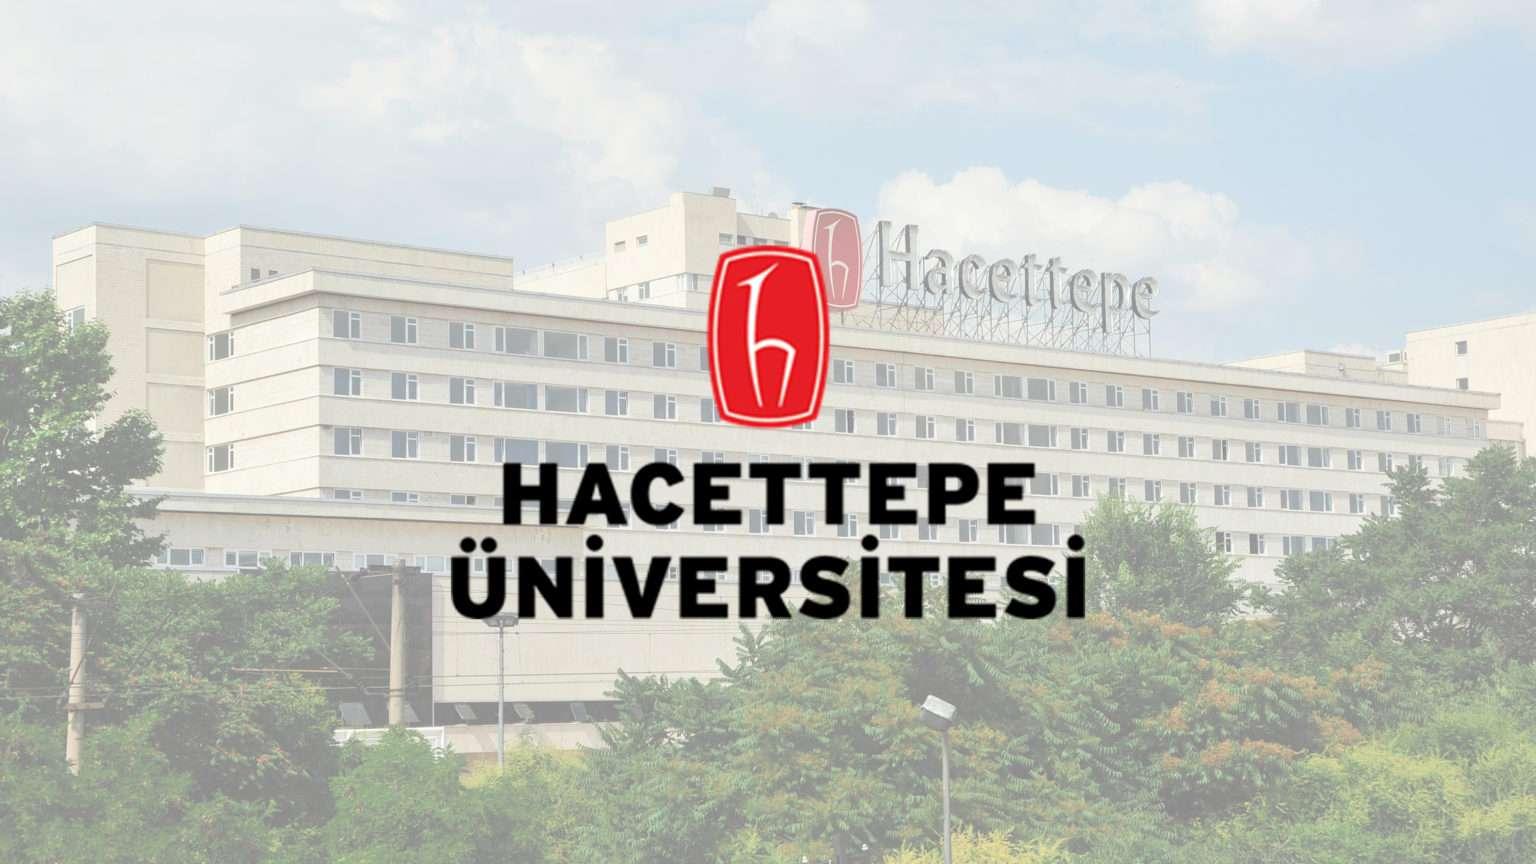 دانشگاه حاجتتپه